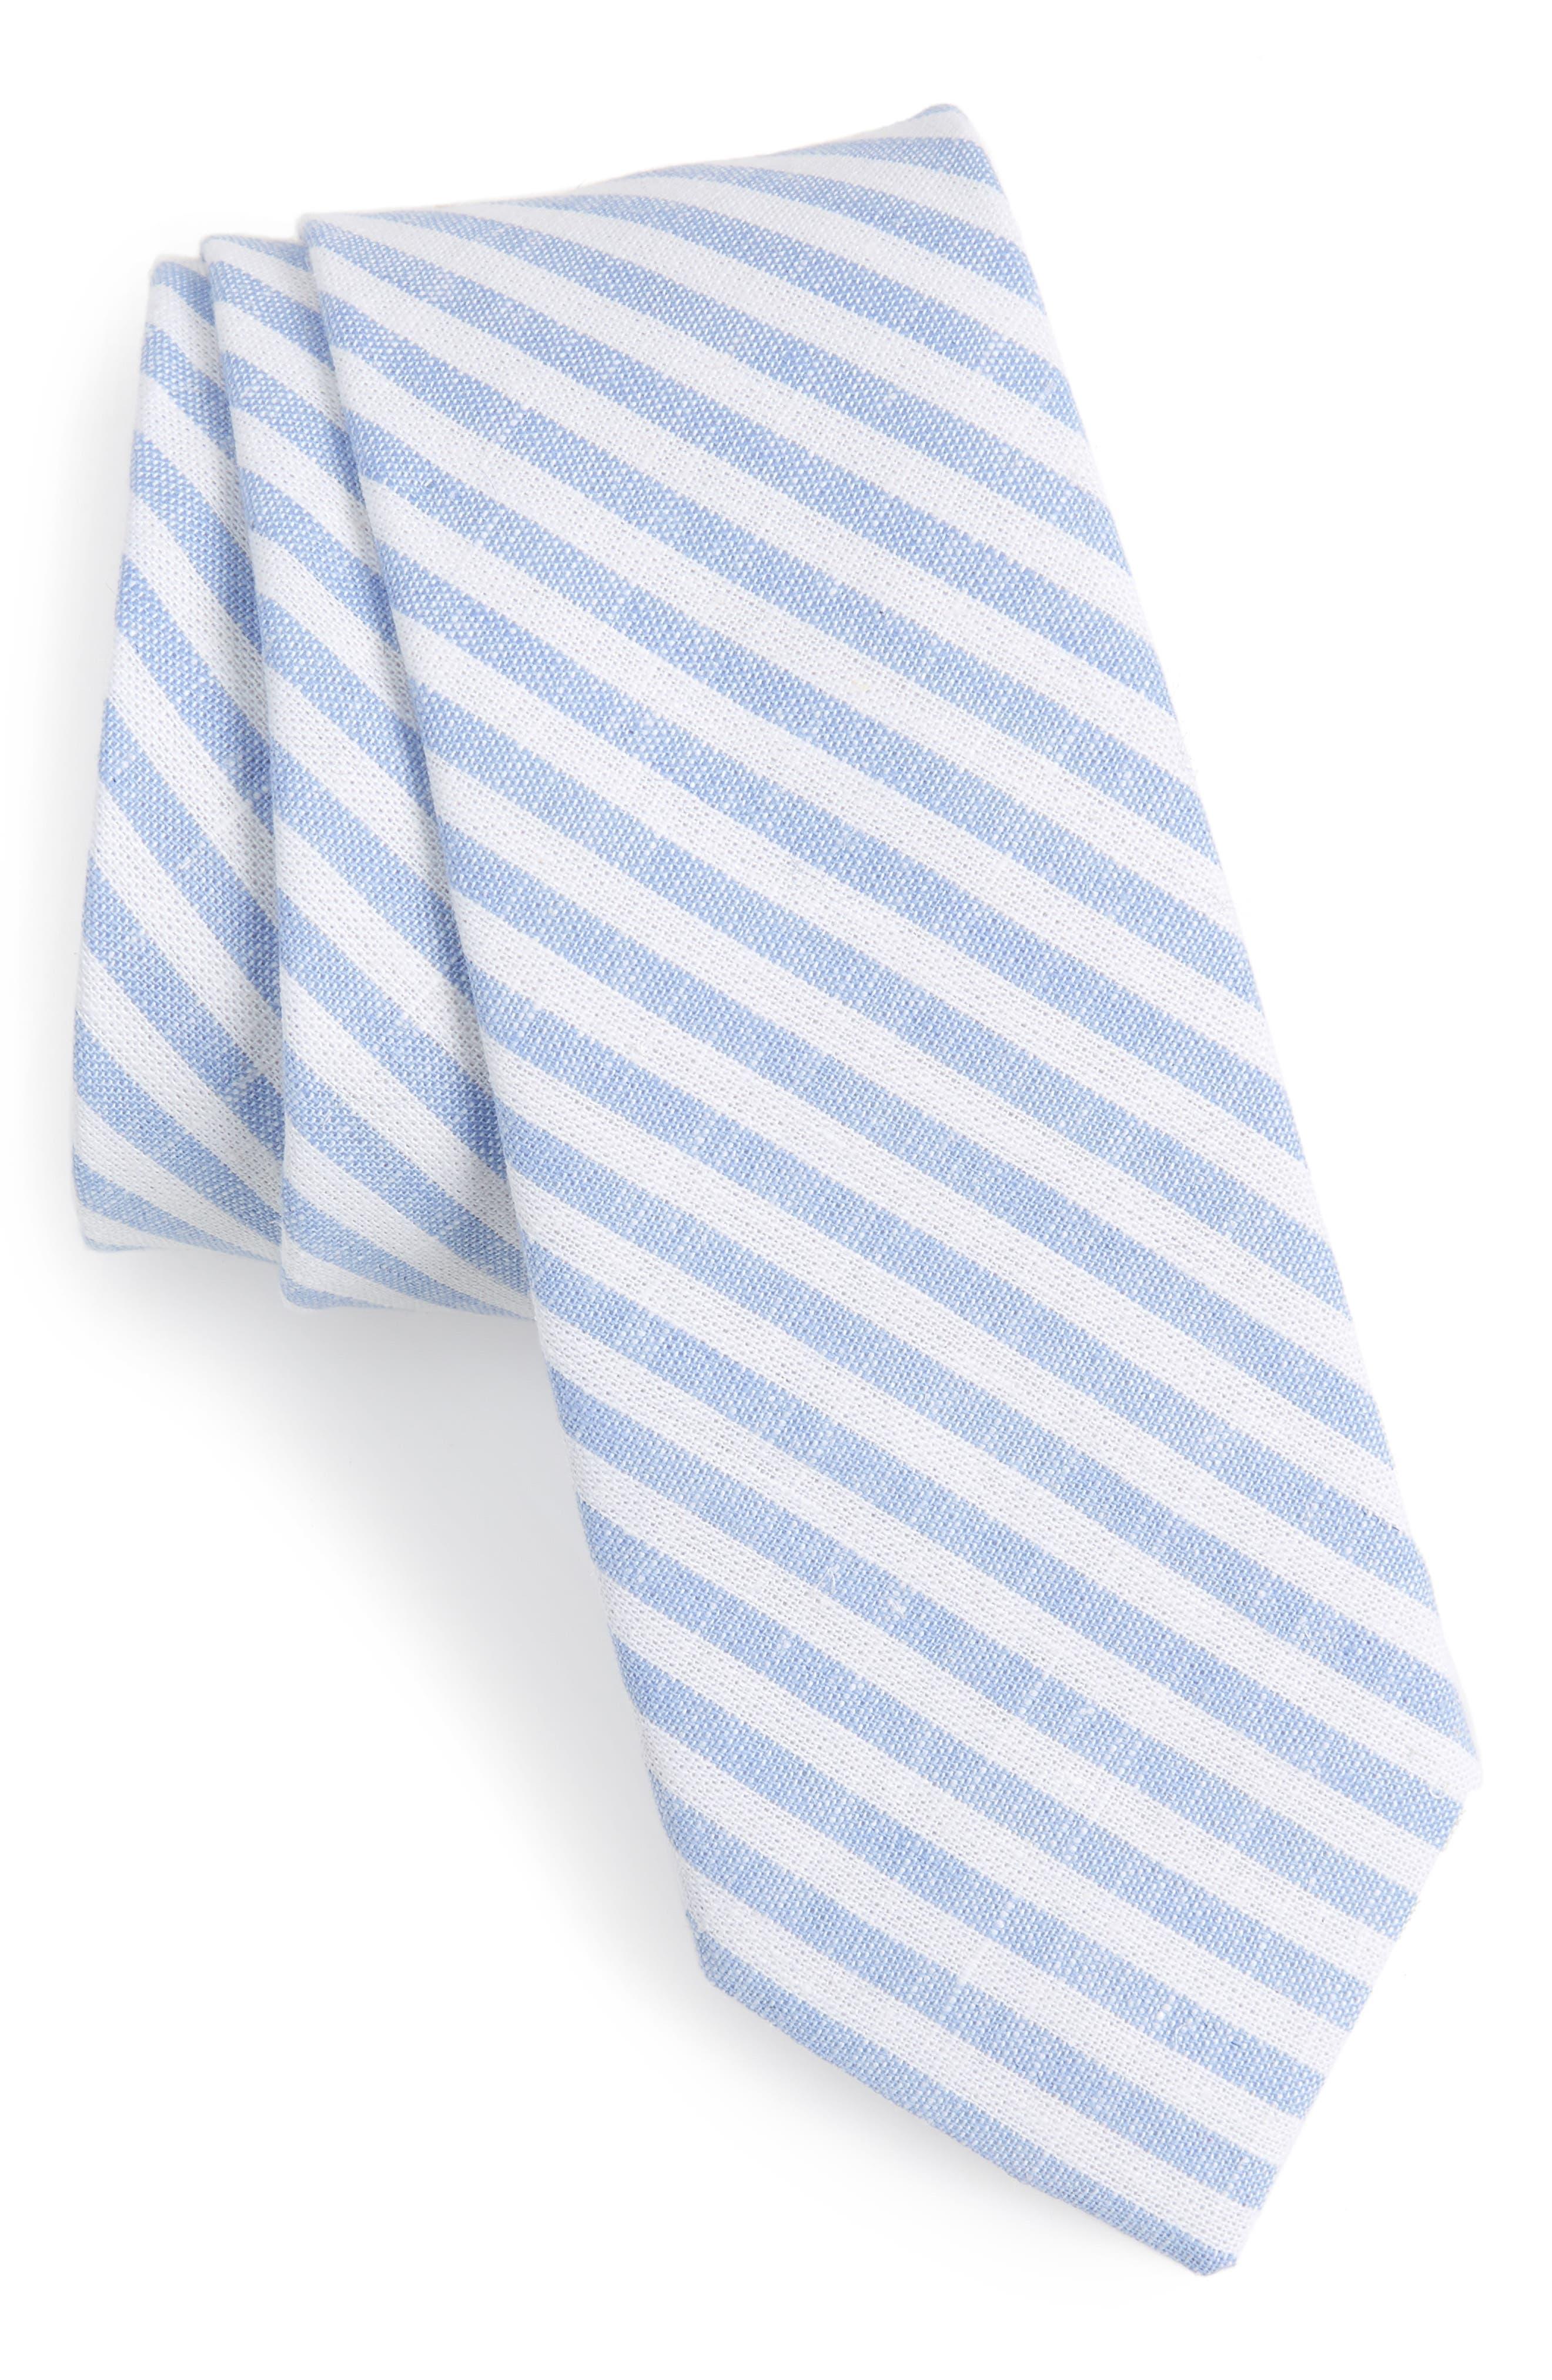 Telary Stripe Cotton Skinny Tie,                         Main,                         color,